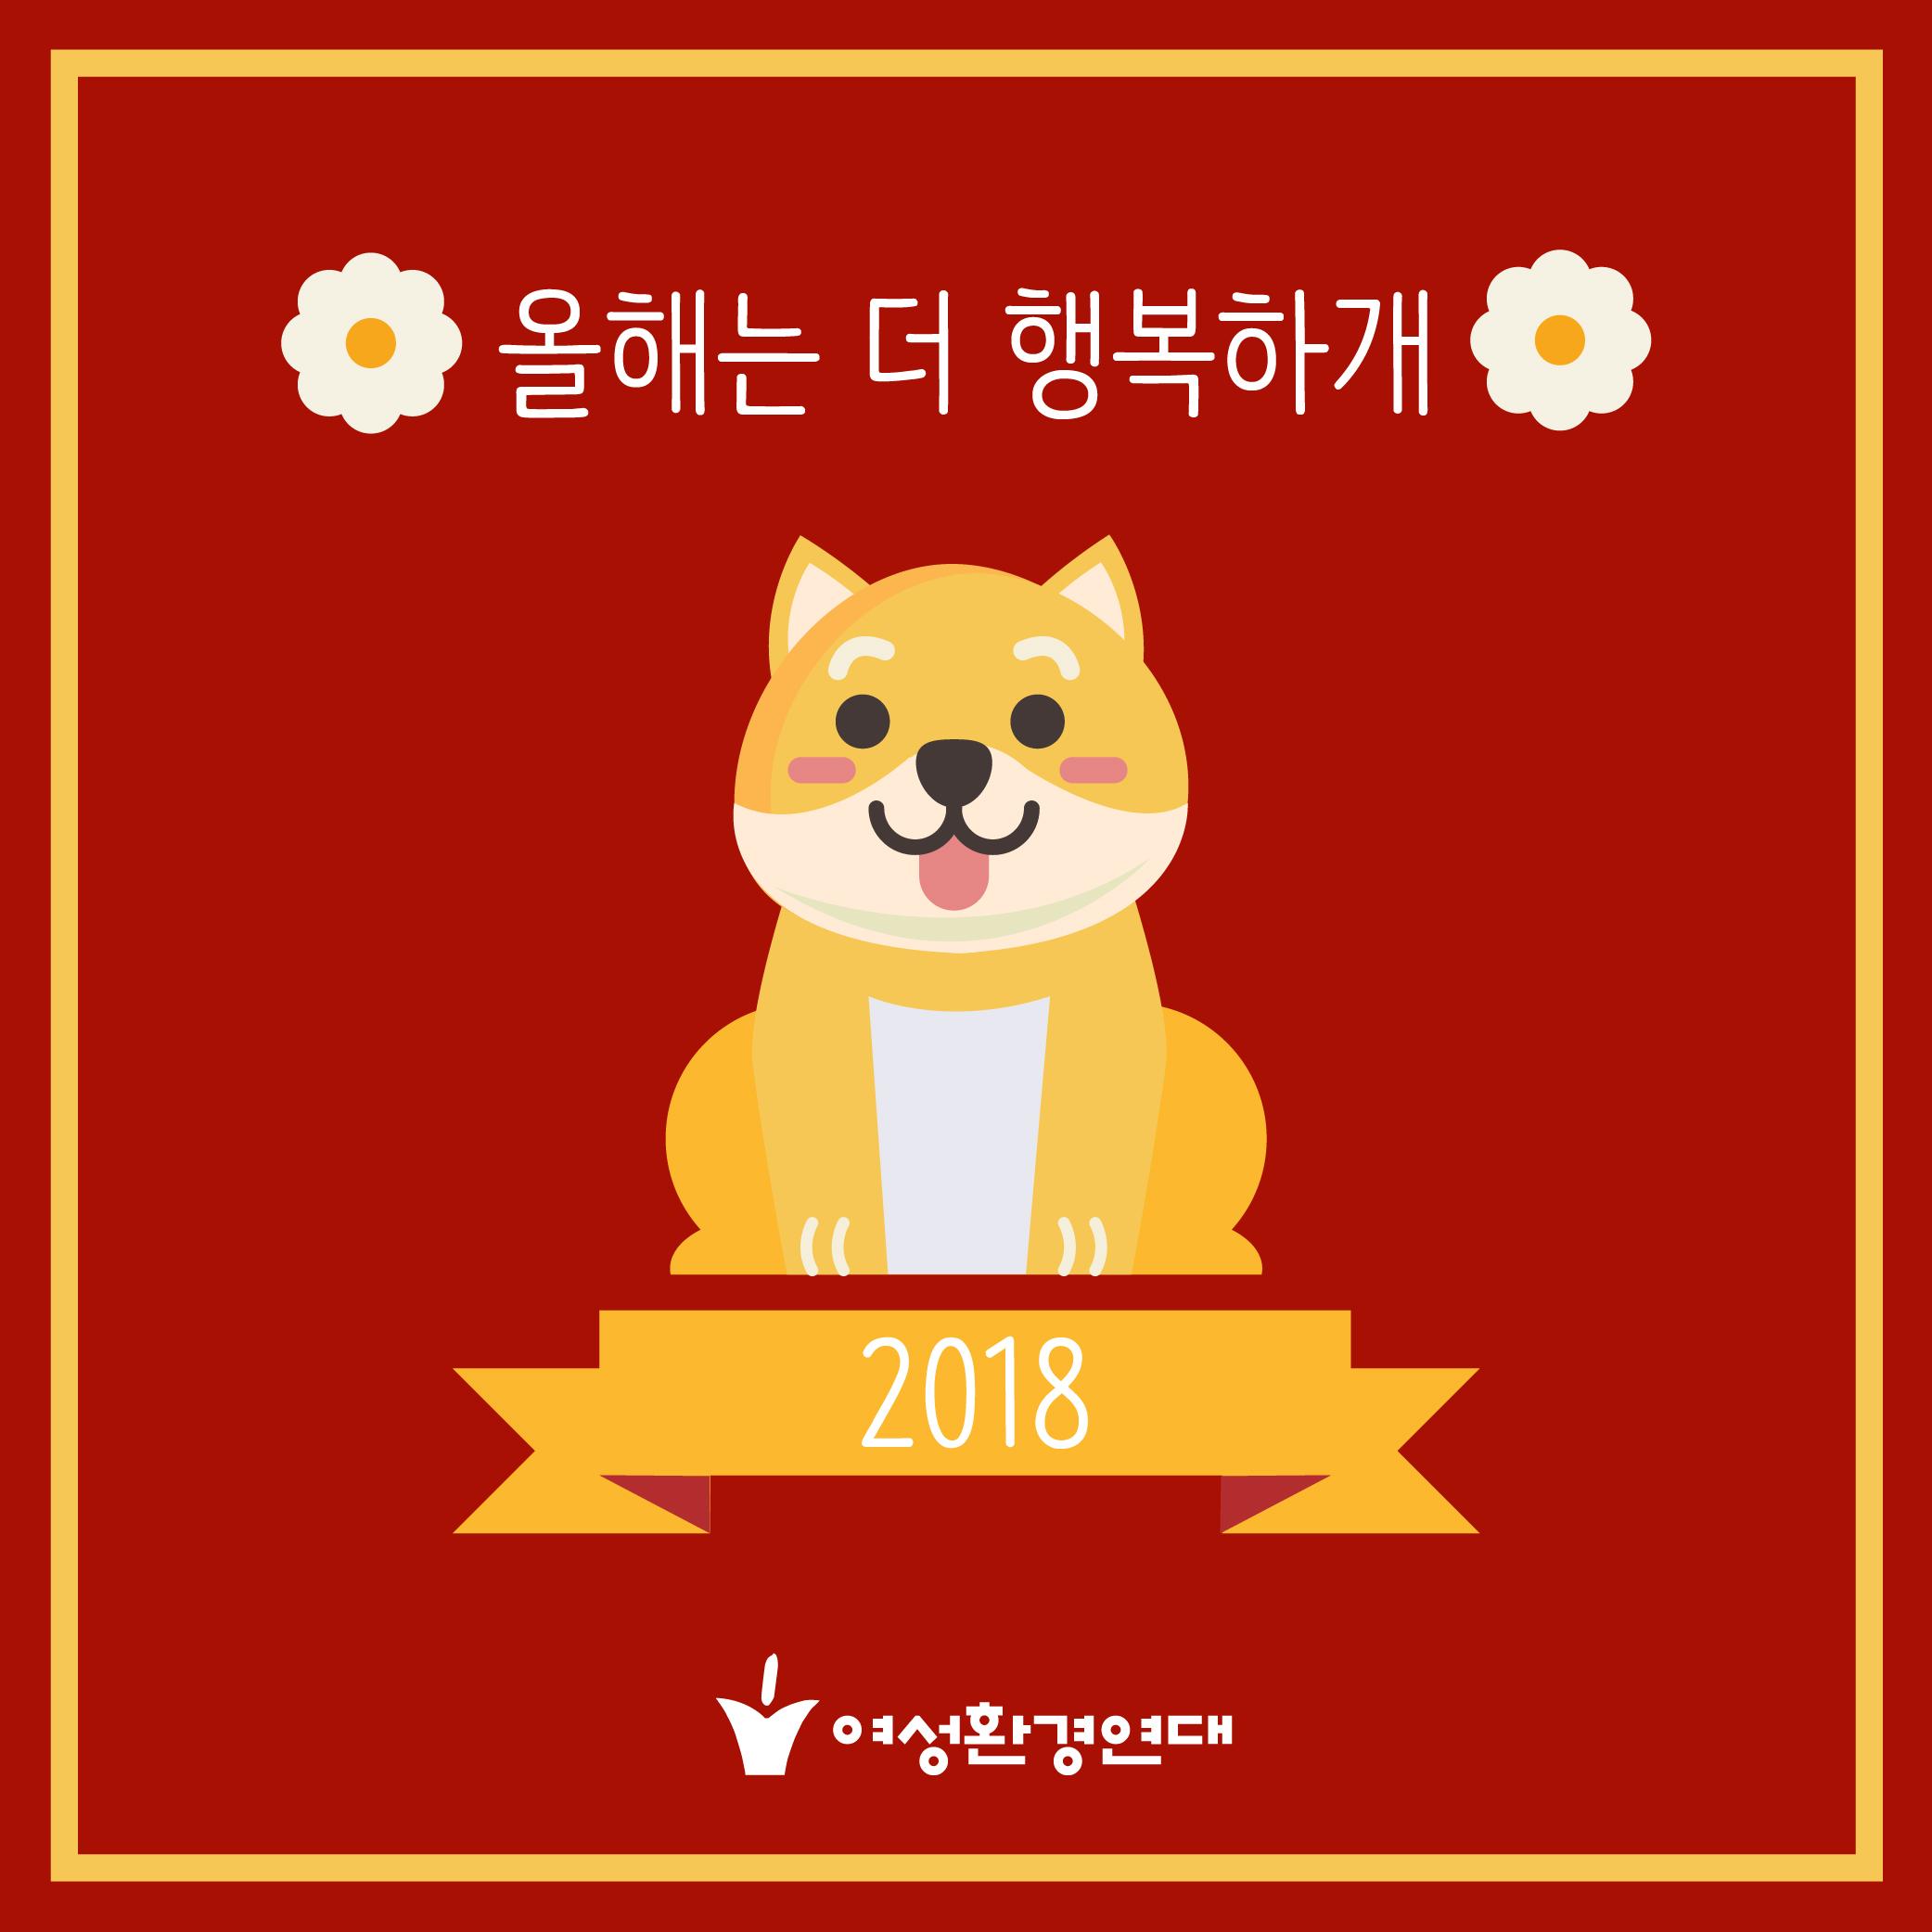 2018년 설 인사